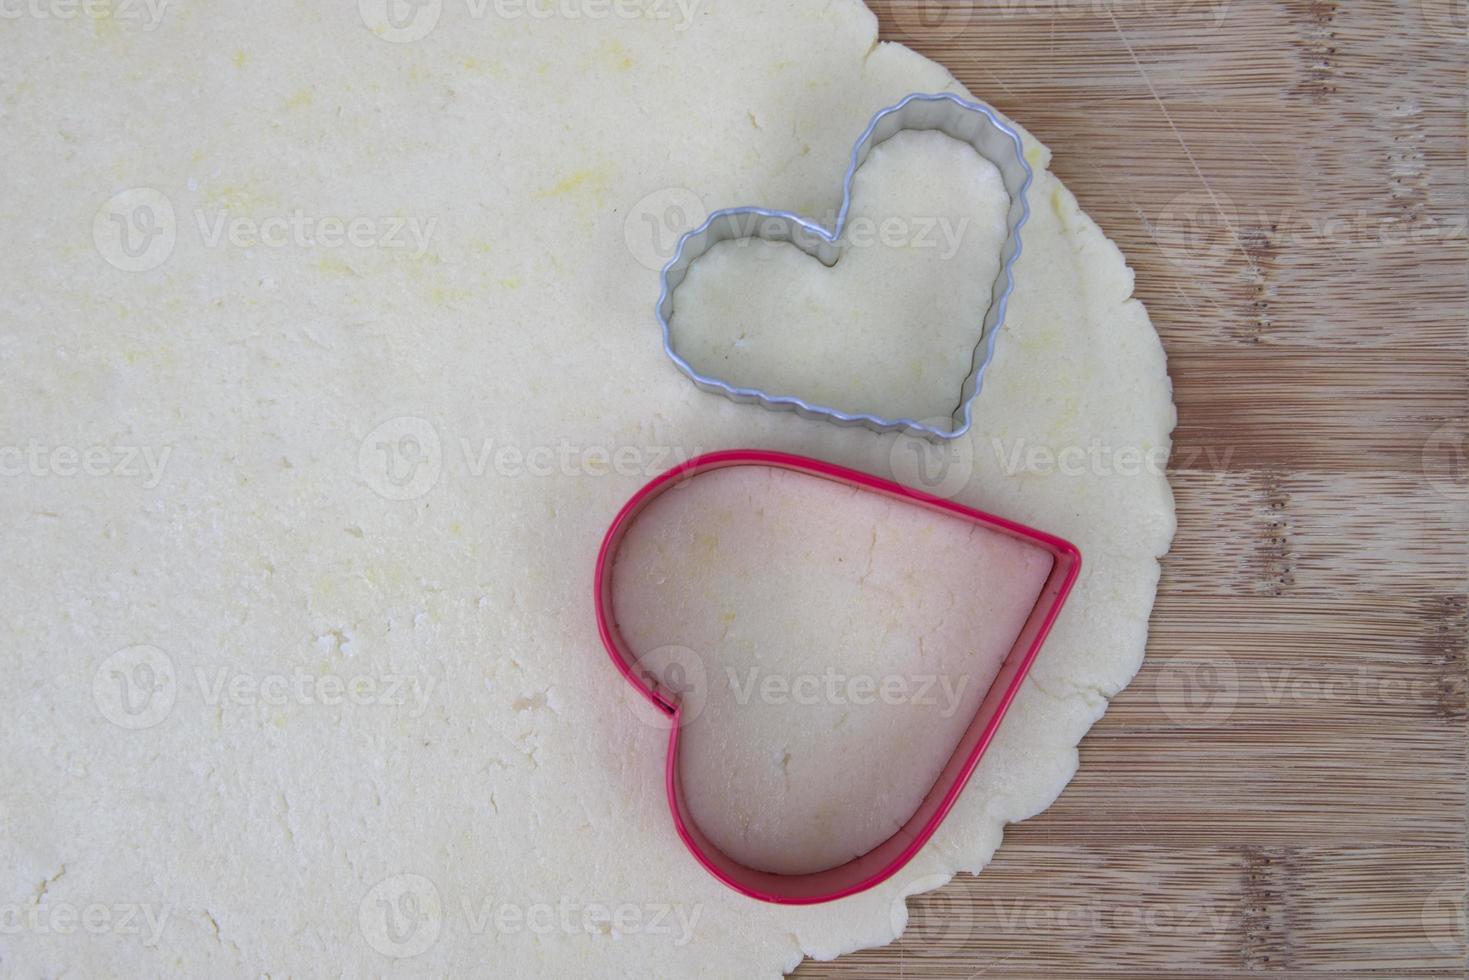 massa de biscoito de açúcar com cortadores em forma de coração foto